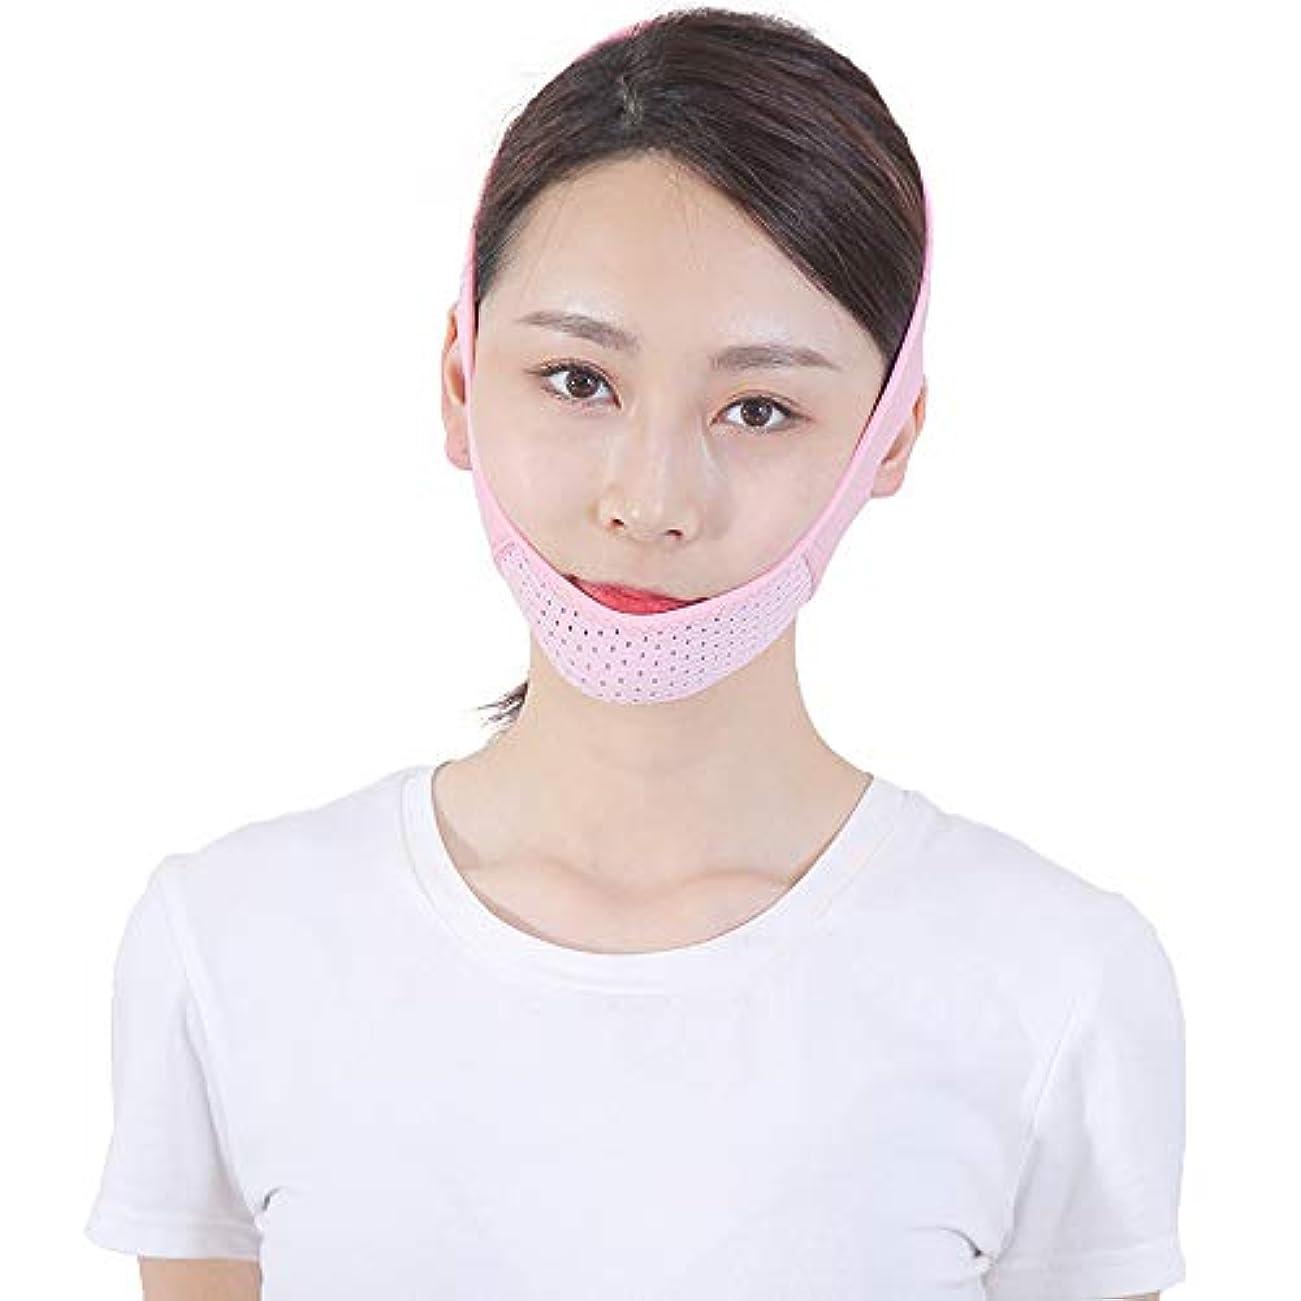 枯渇するアミューズメント遡るJia He 軽量 薄い顔のベルト - 薄い顔のベルト 顔の包帯ダブルチンの顔リフトの人工物Vのフェイスベルト薄い顔のマスク ##